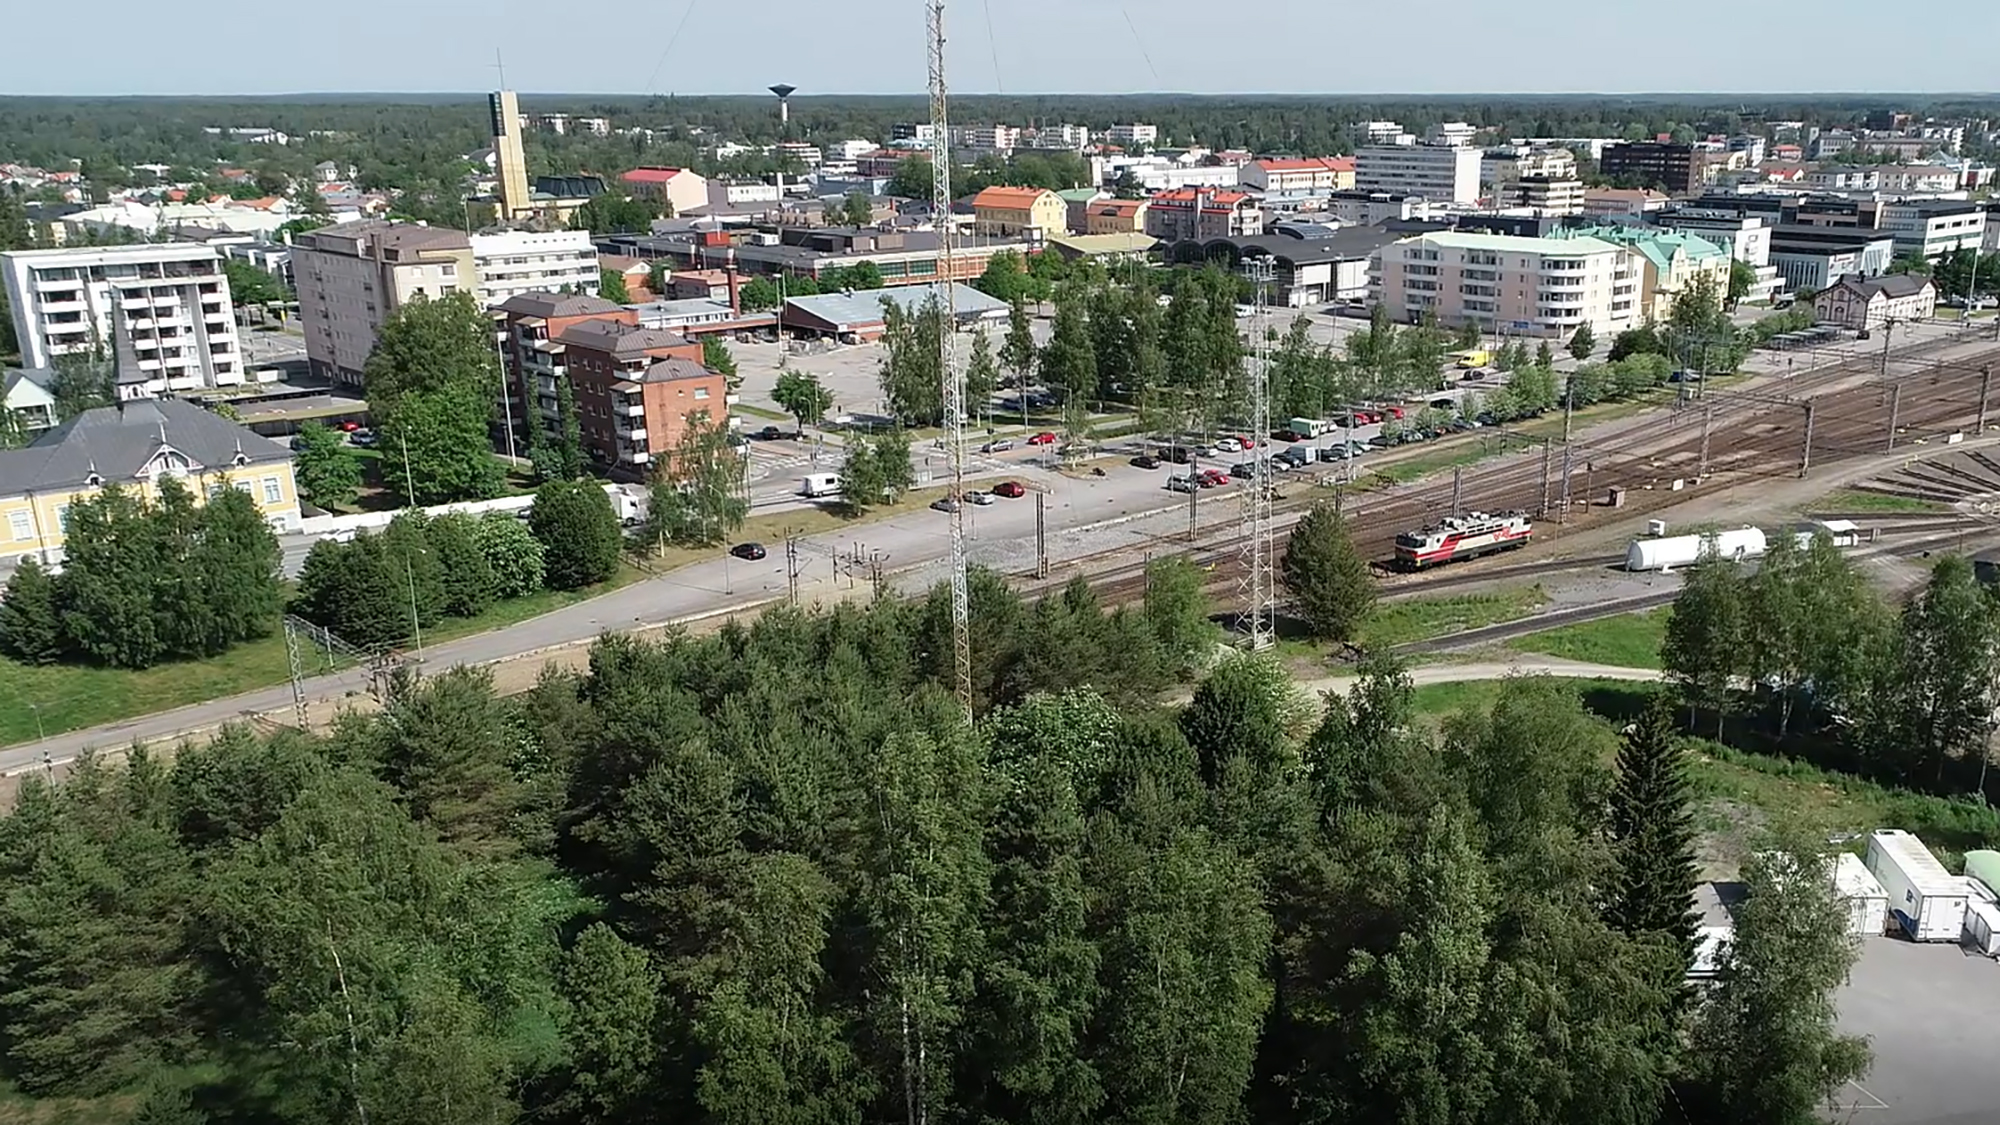 Korkealta viistosta kuvattu näkymä, jonka etualalla on puita ja niiden takaa aukeaa näkymä rautatieaseman ratapihalle sekä sen takana aukeavalle kaupungille rakennuksineen. Kaukana horisontissa näkyy myös Kokkolan vesitorni.